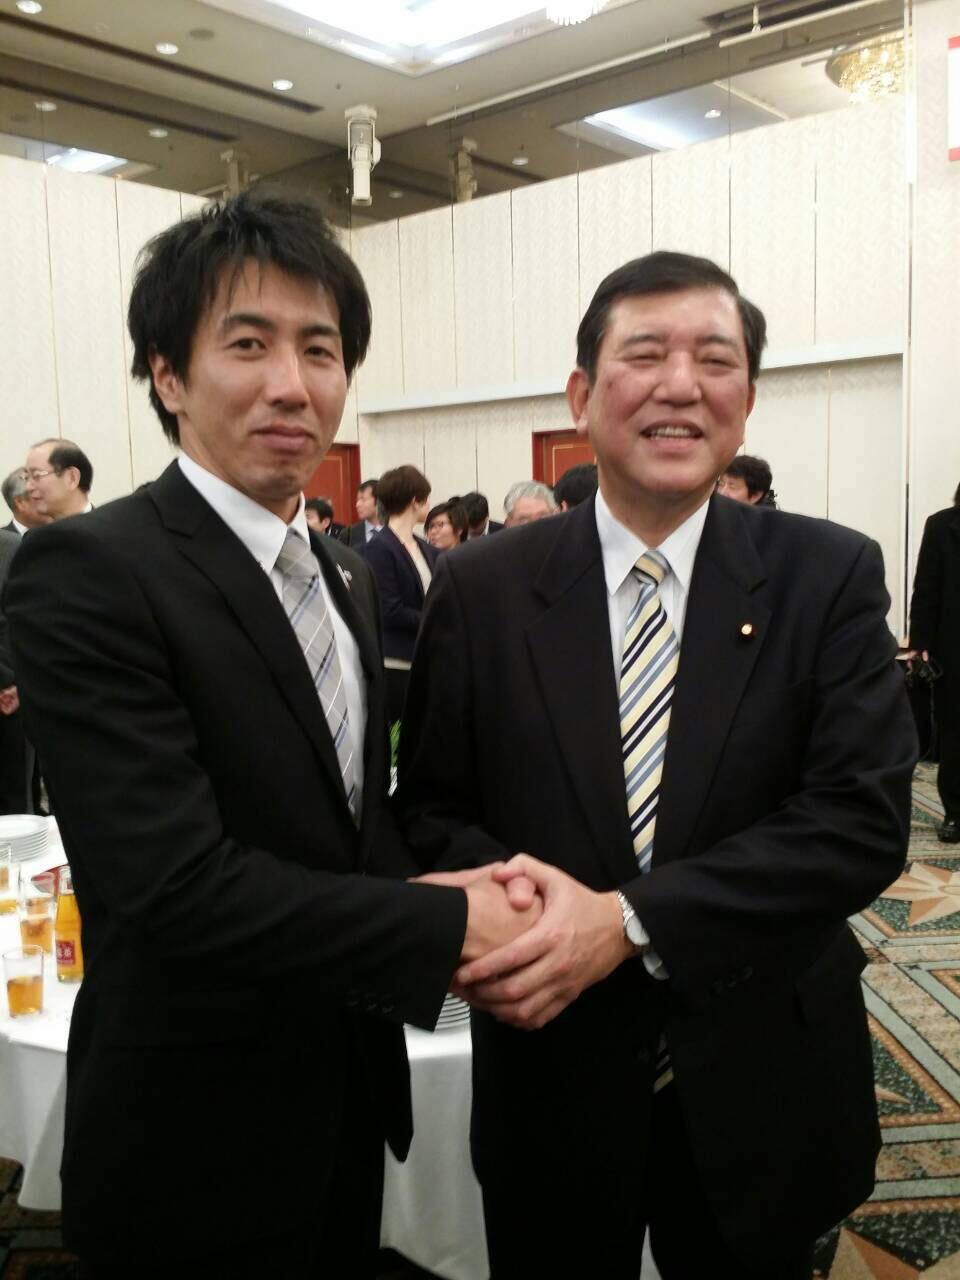 IMG_0878.JPG 石破大臣.JPG